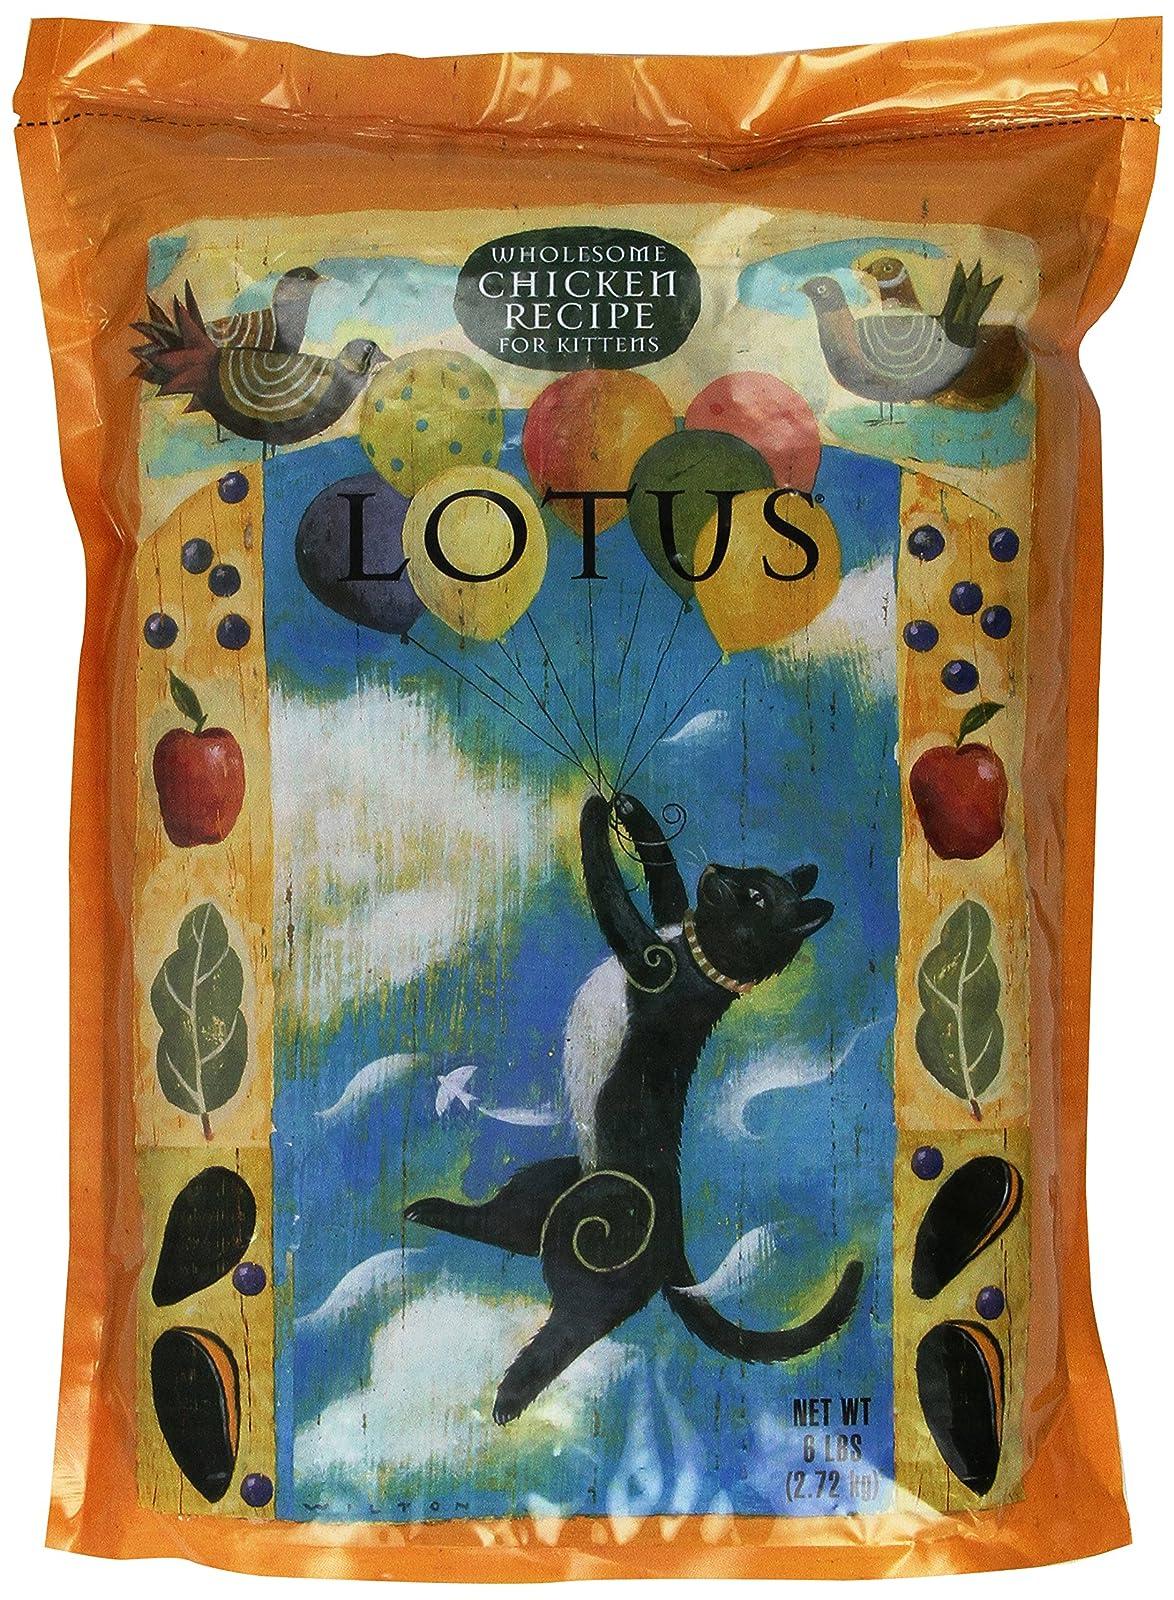 Lotus Dry Kitten Food 6 Lb. LOT10033 - 1